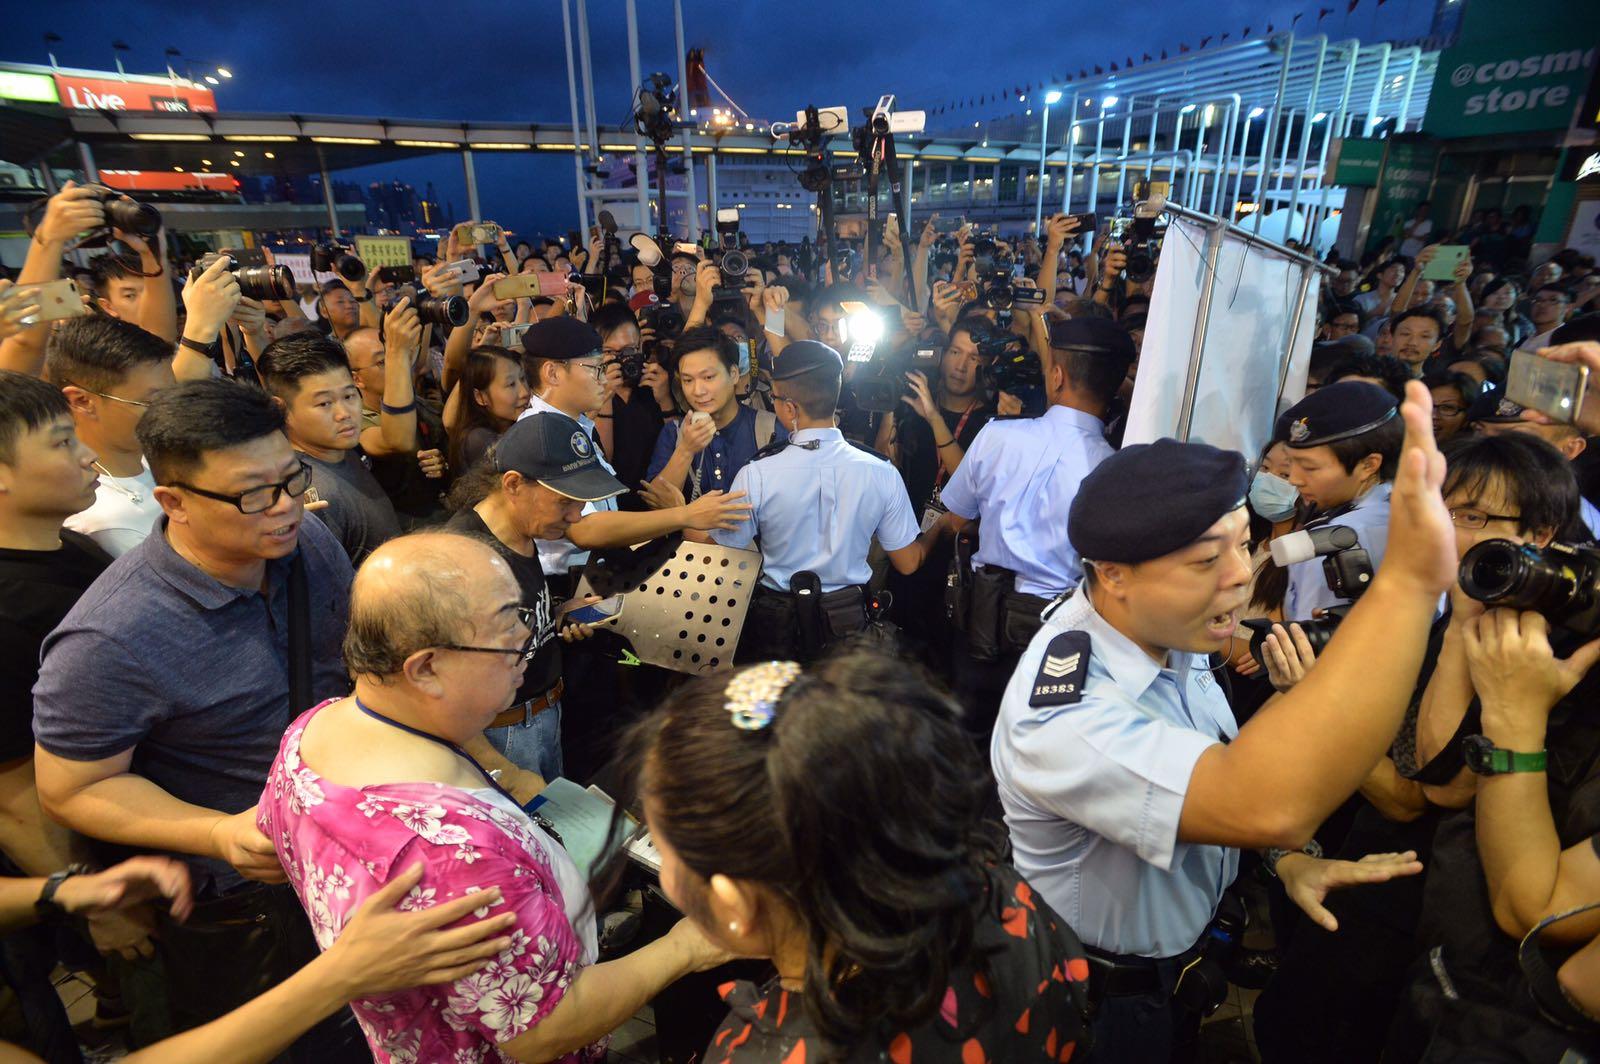 數十名警員到場,將兩批人士分隔。黃賢創攝